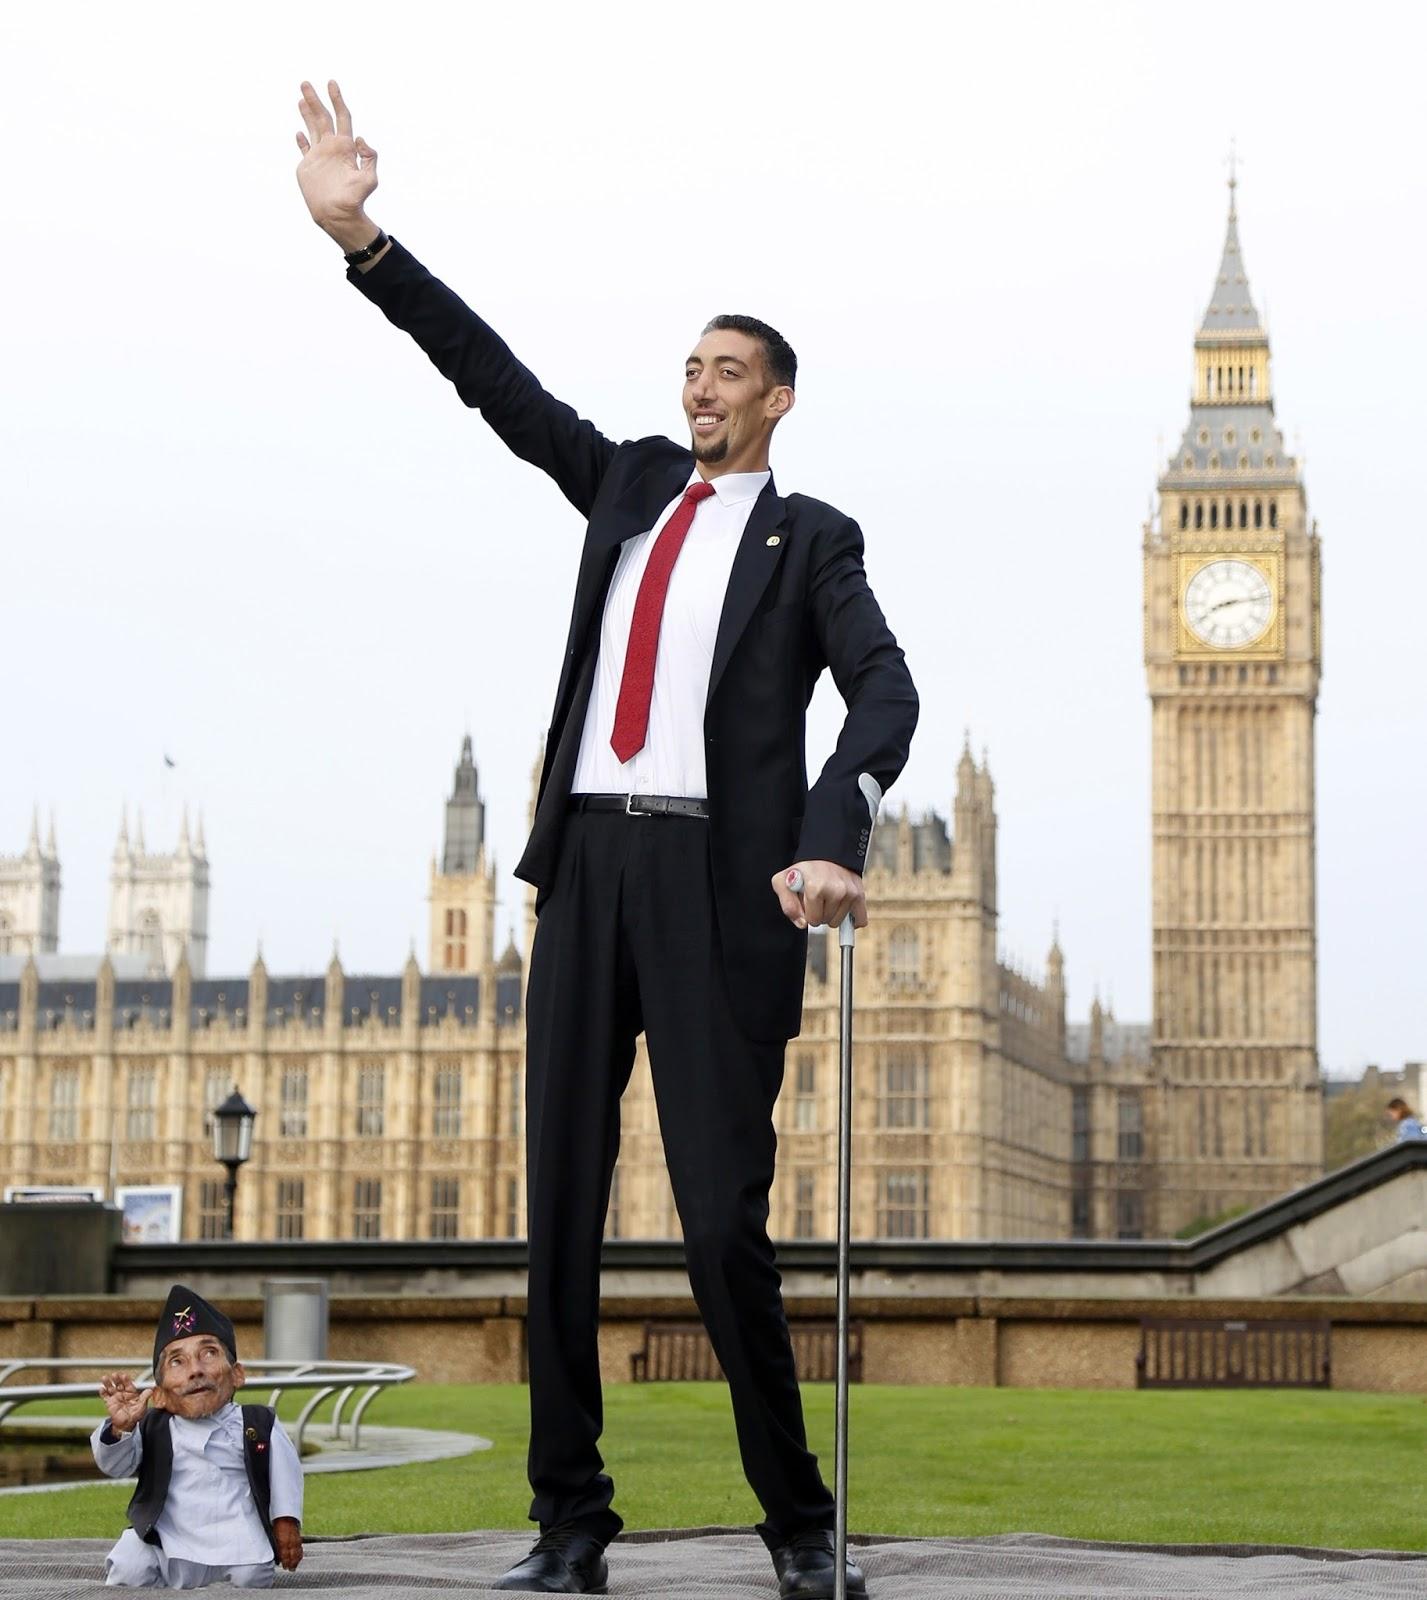 صوره اطول رجل فى العالم , صور رجل طويل جدا